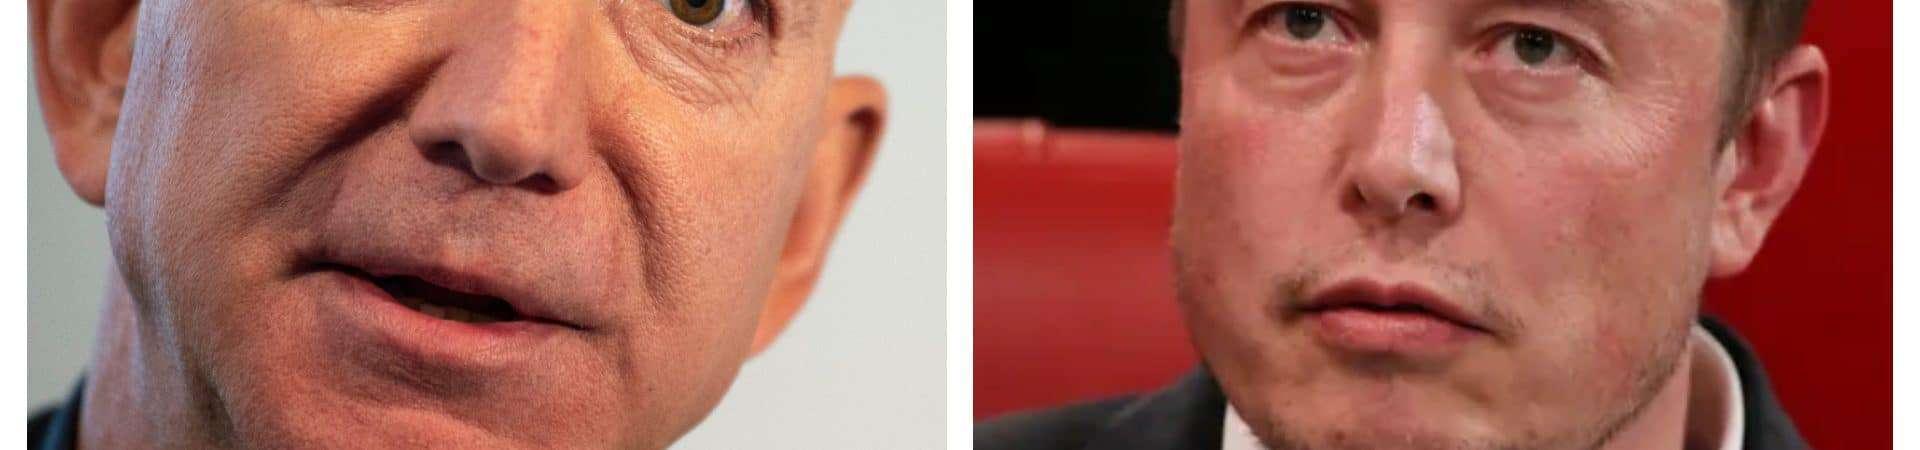 La edición muestra a Jeff Bezos y Elon Musk uno frente al otro